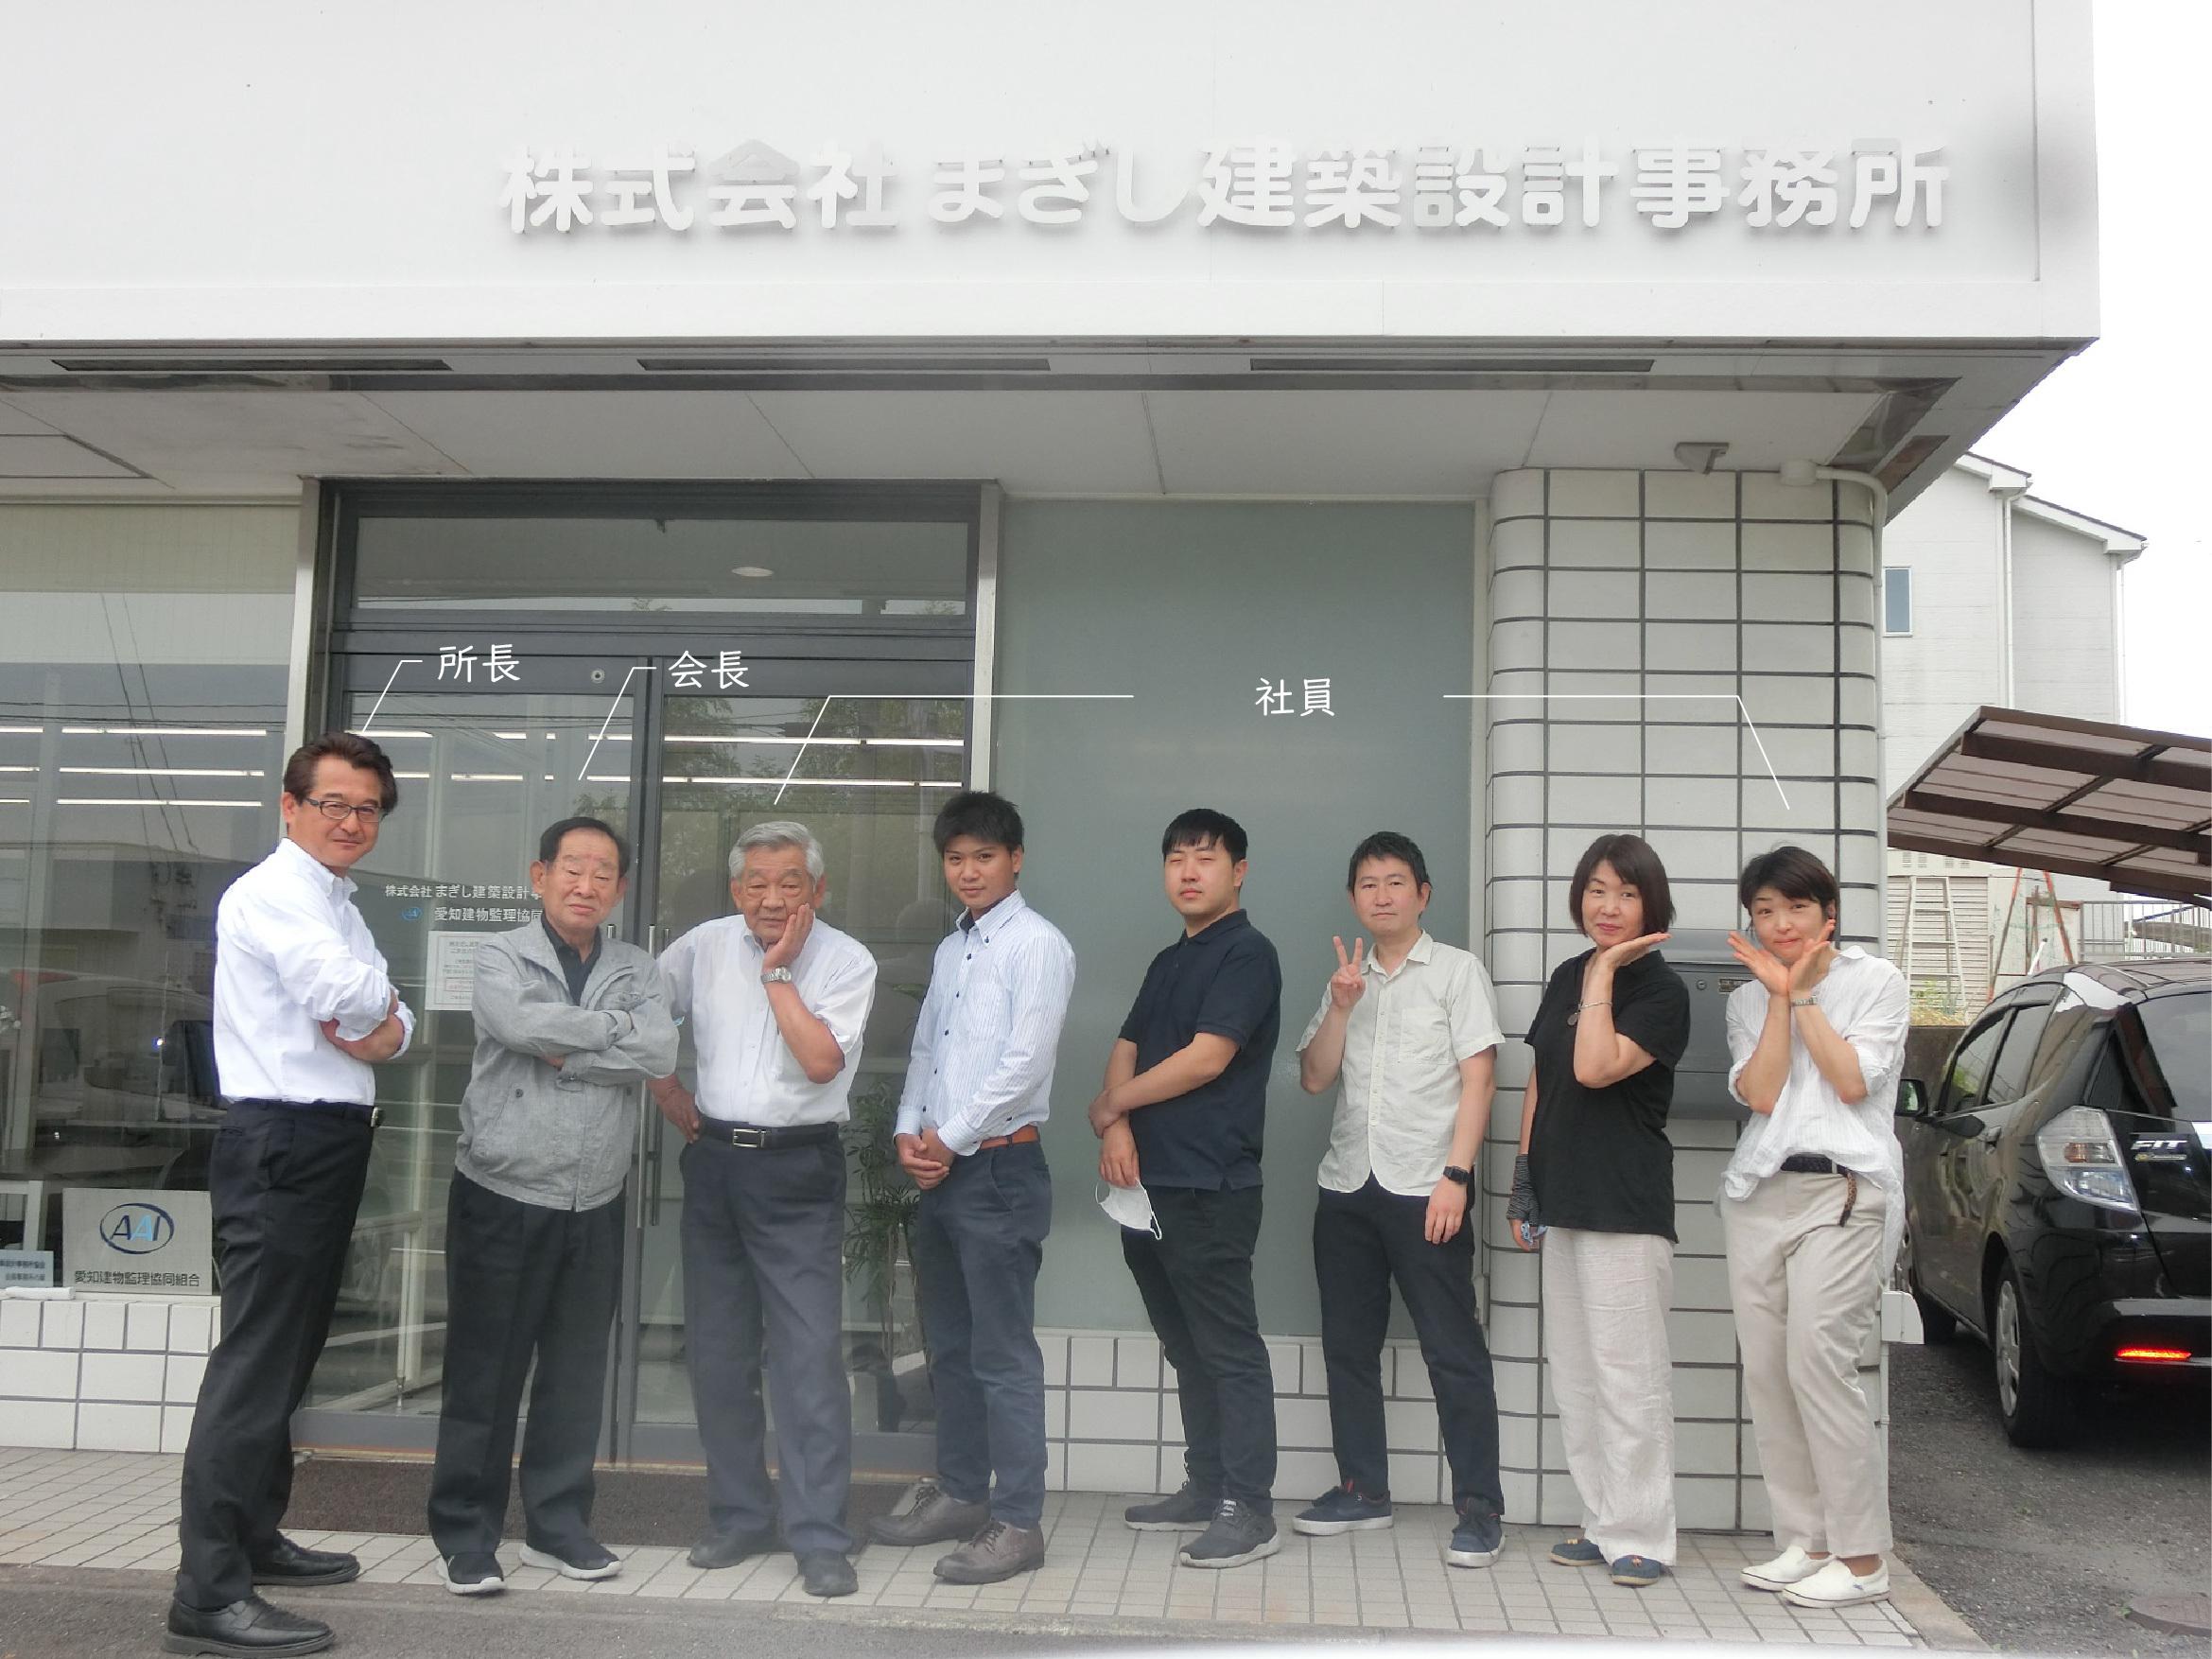 老若男女、幅広い事務所です。写真に1人写っていませんが、総勢9名の事務所です。